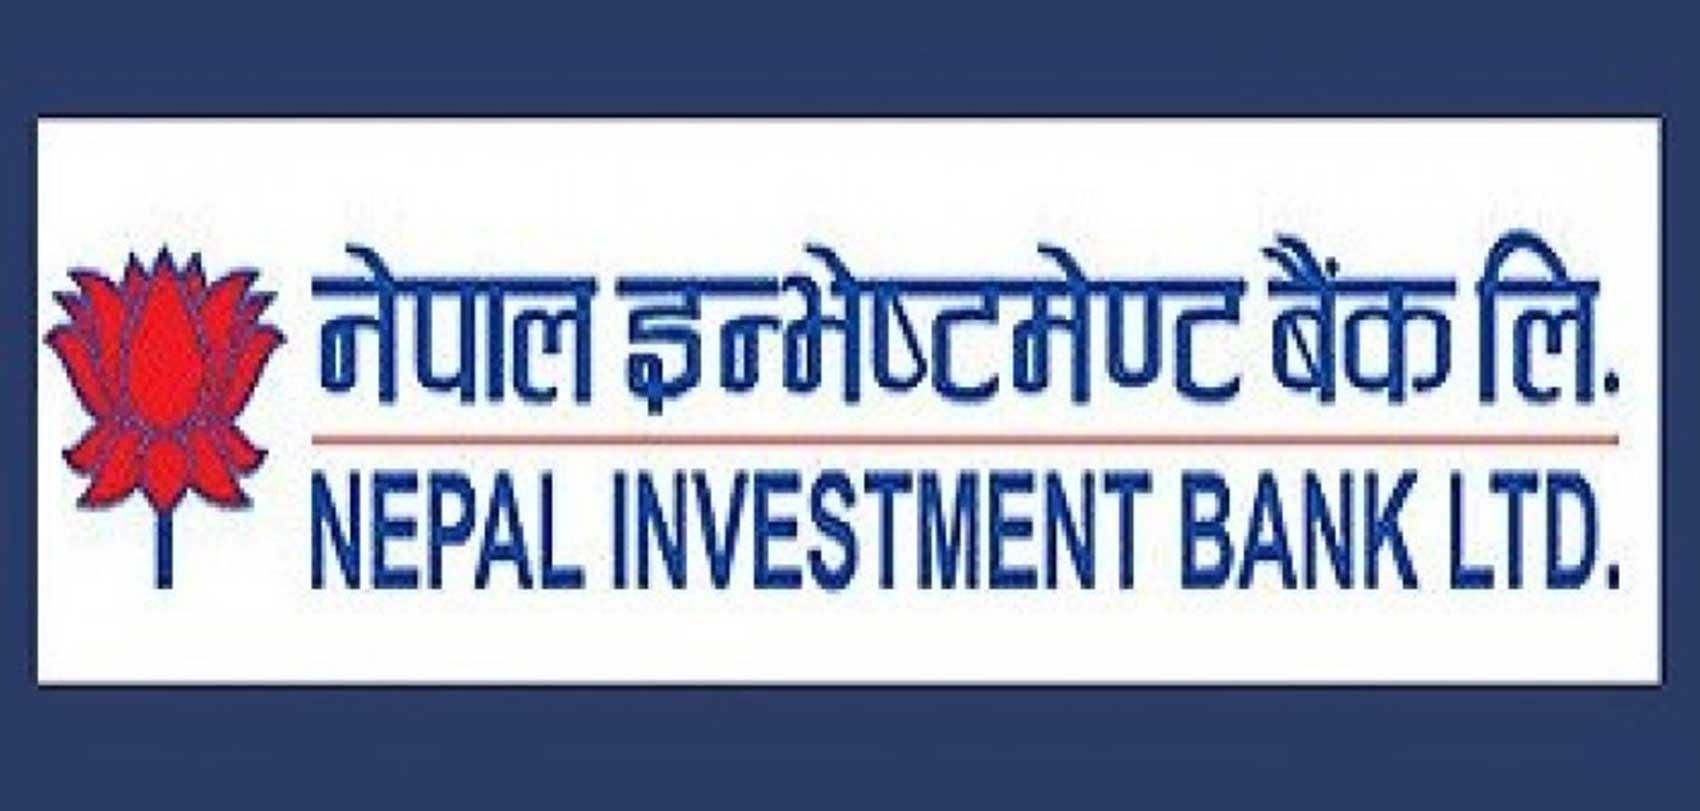 १२ करोड रुपैयाँमै सिटि एक्सप्रेस किन्दै इन्भेष्टमेन्ट बैंक